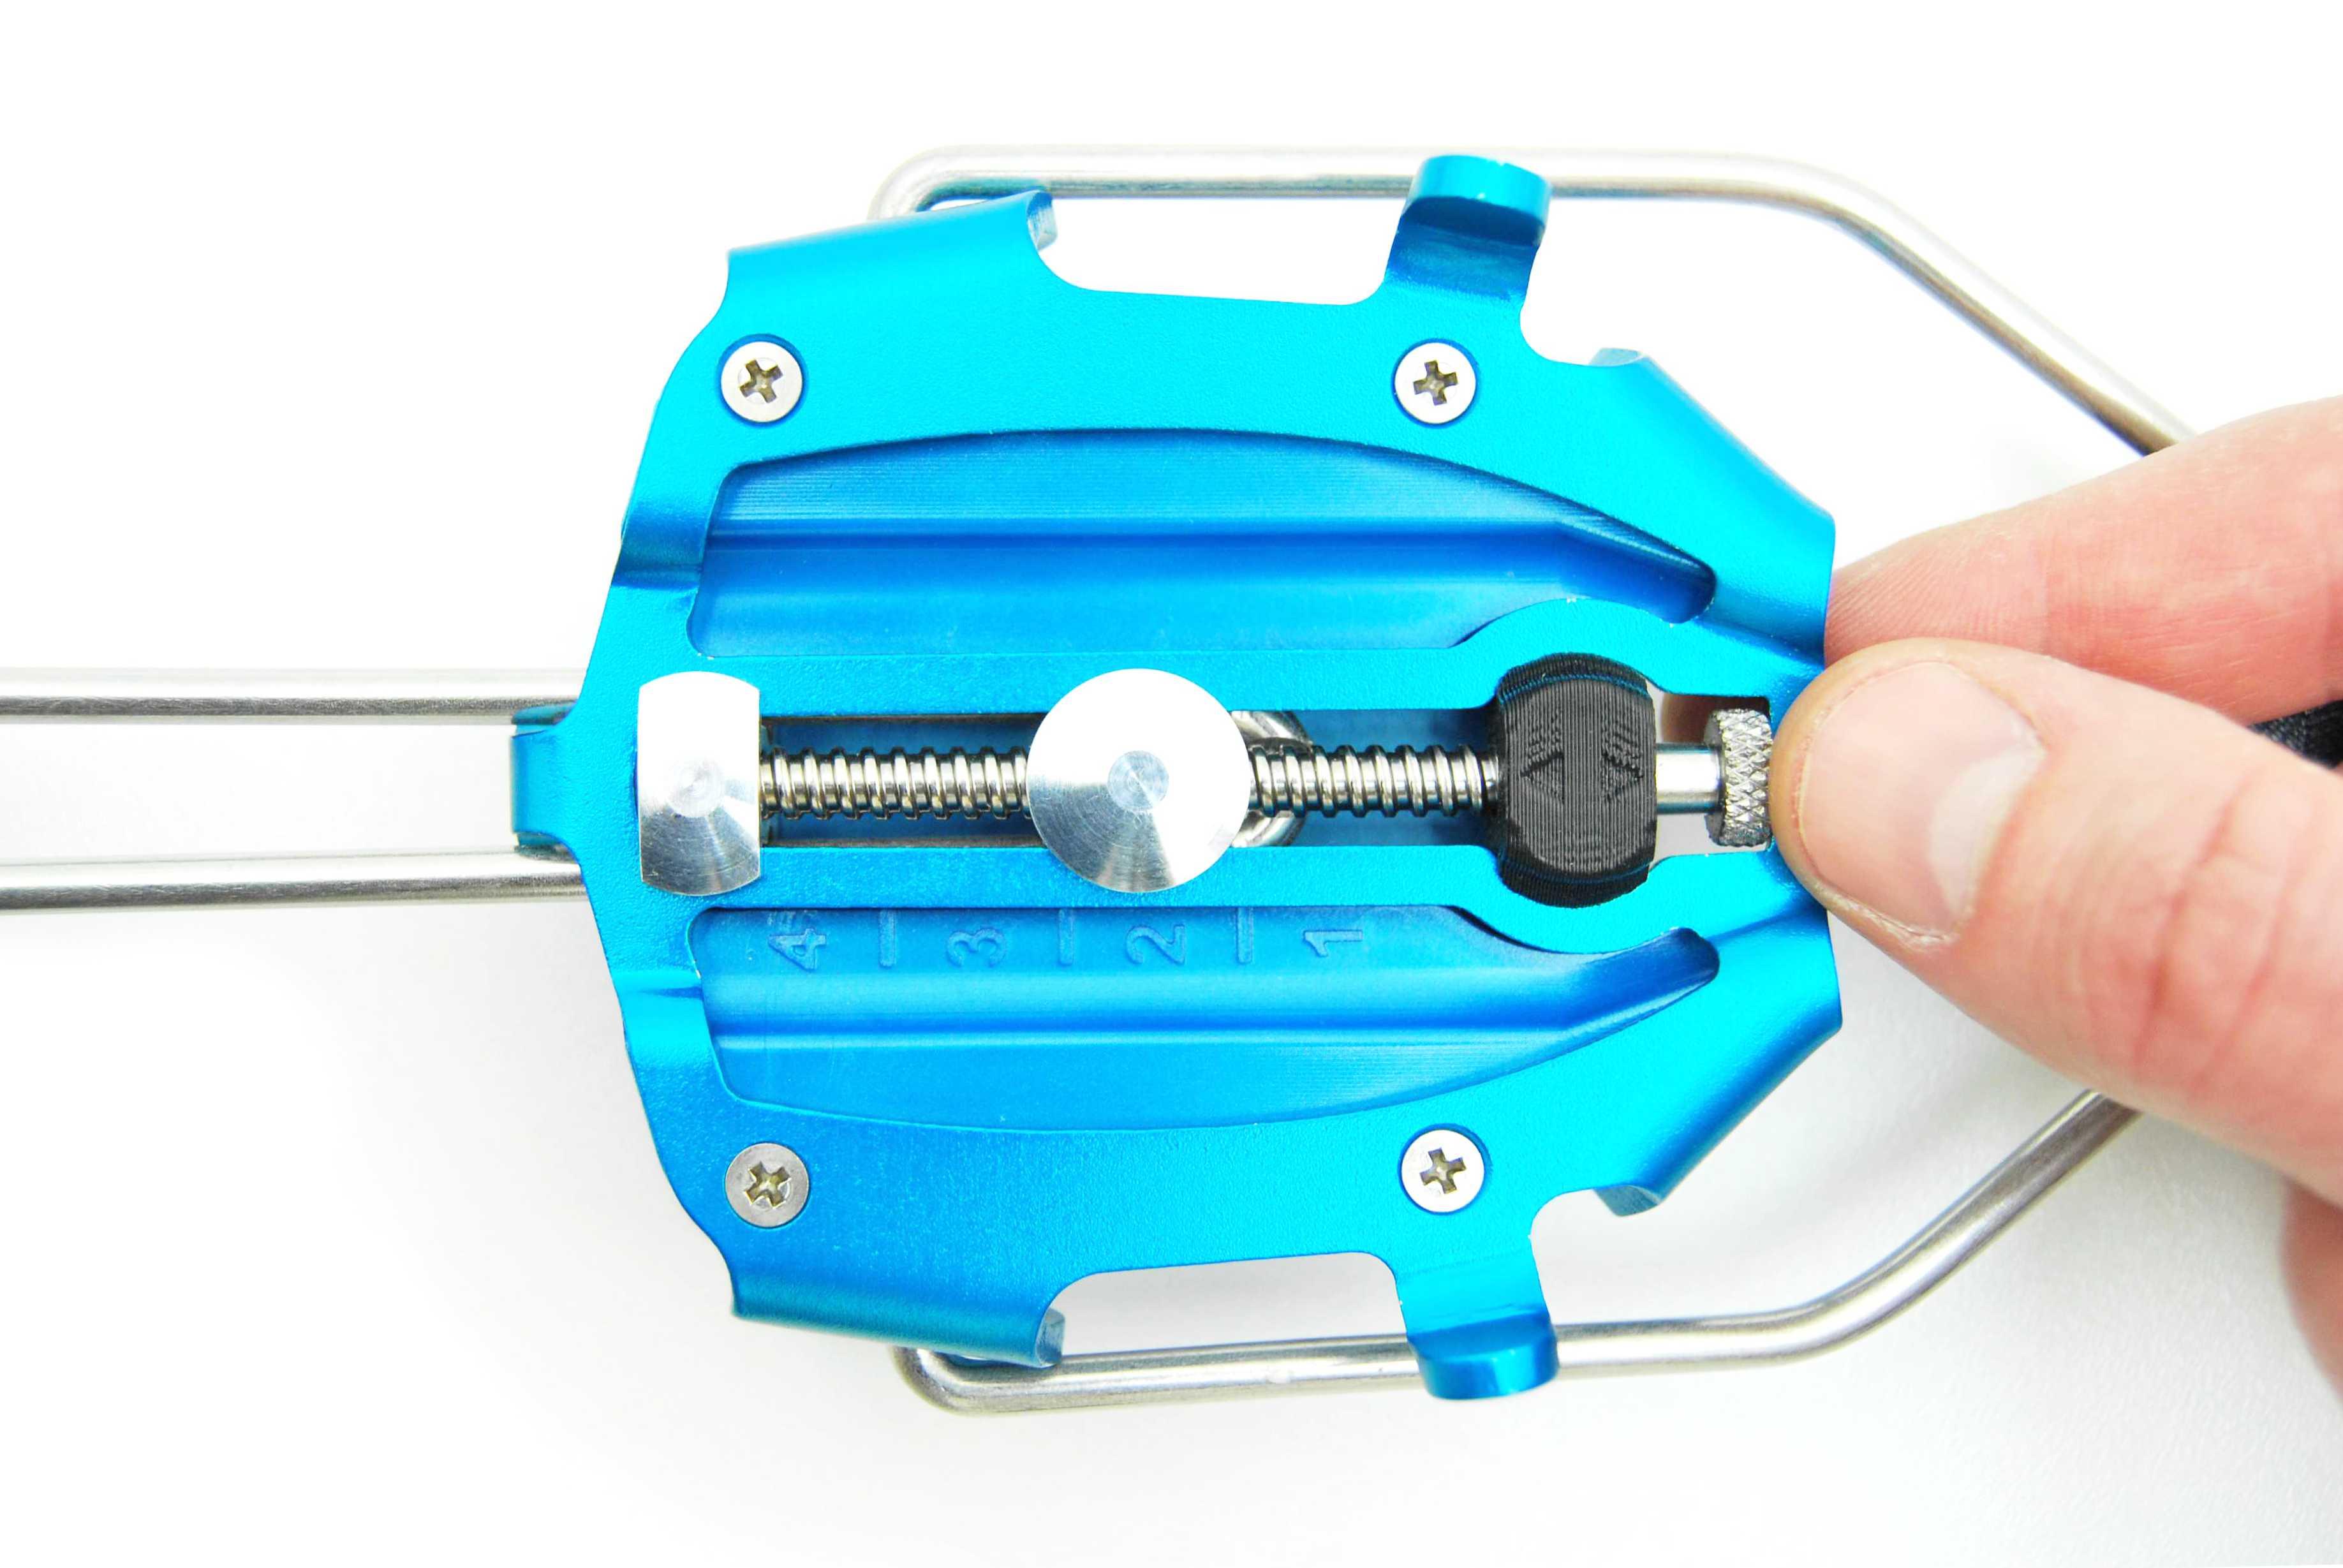 Ramponi da scialpinismo: Innovativo sistema di micro-regolazione della taglia senza l'ausilio di attrezzi, estremamente preciso e stabile.